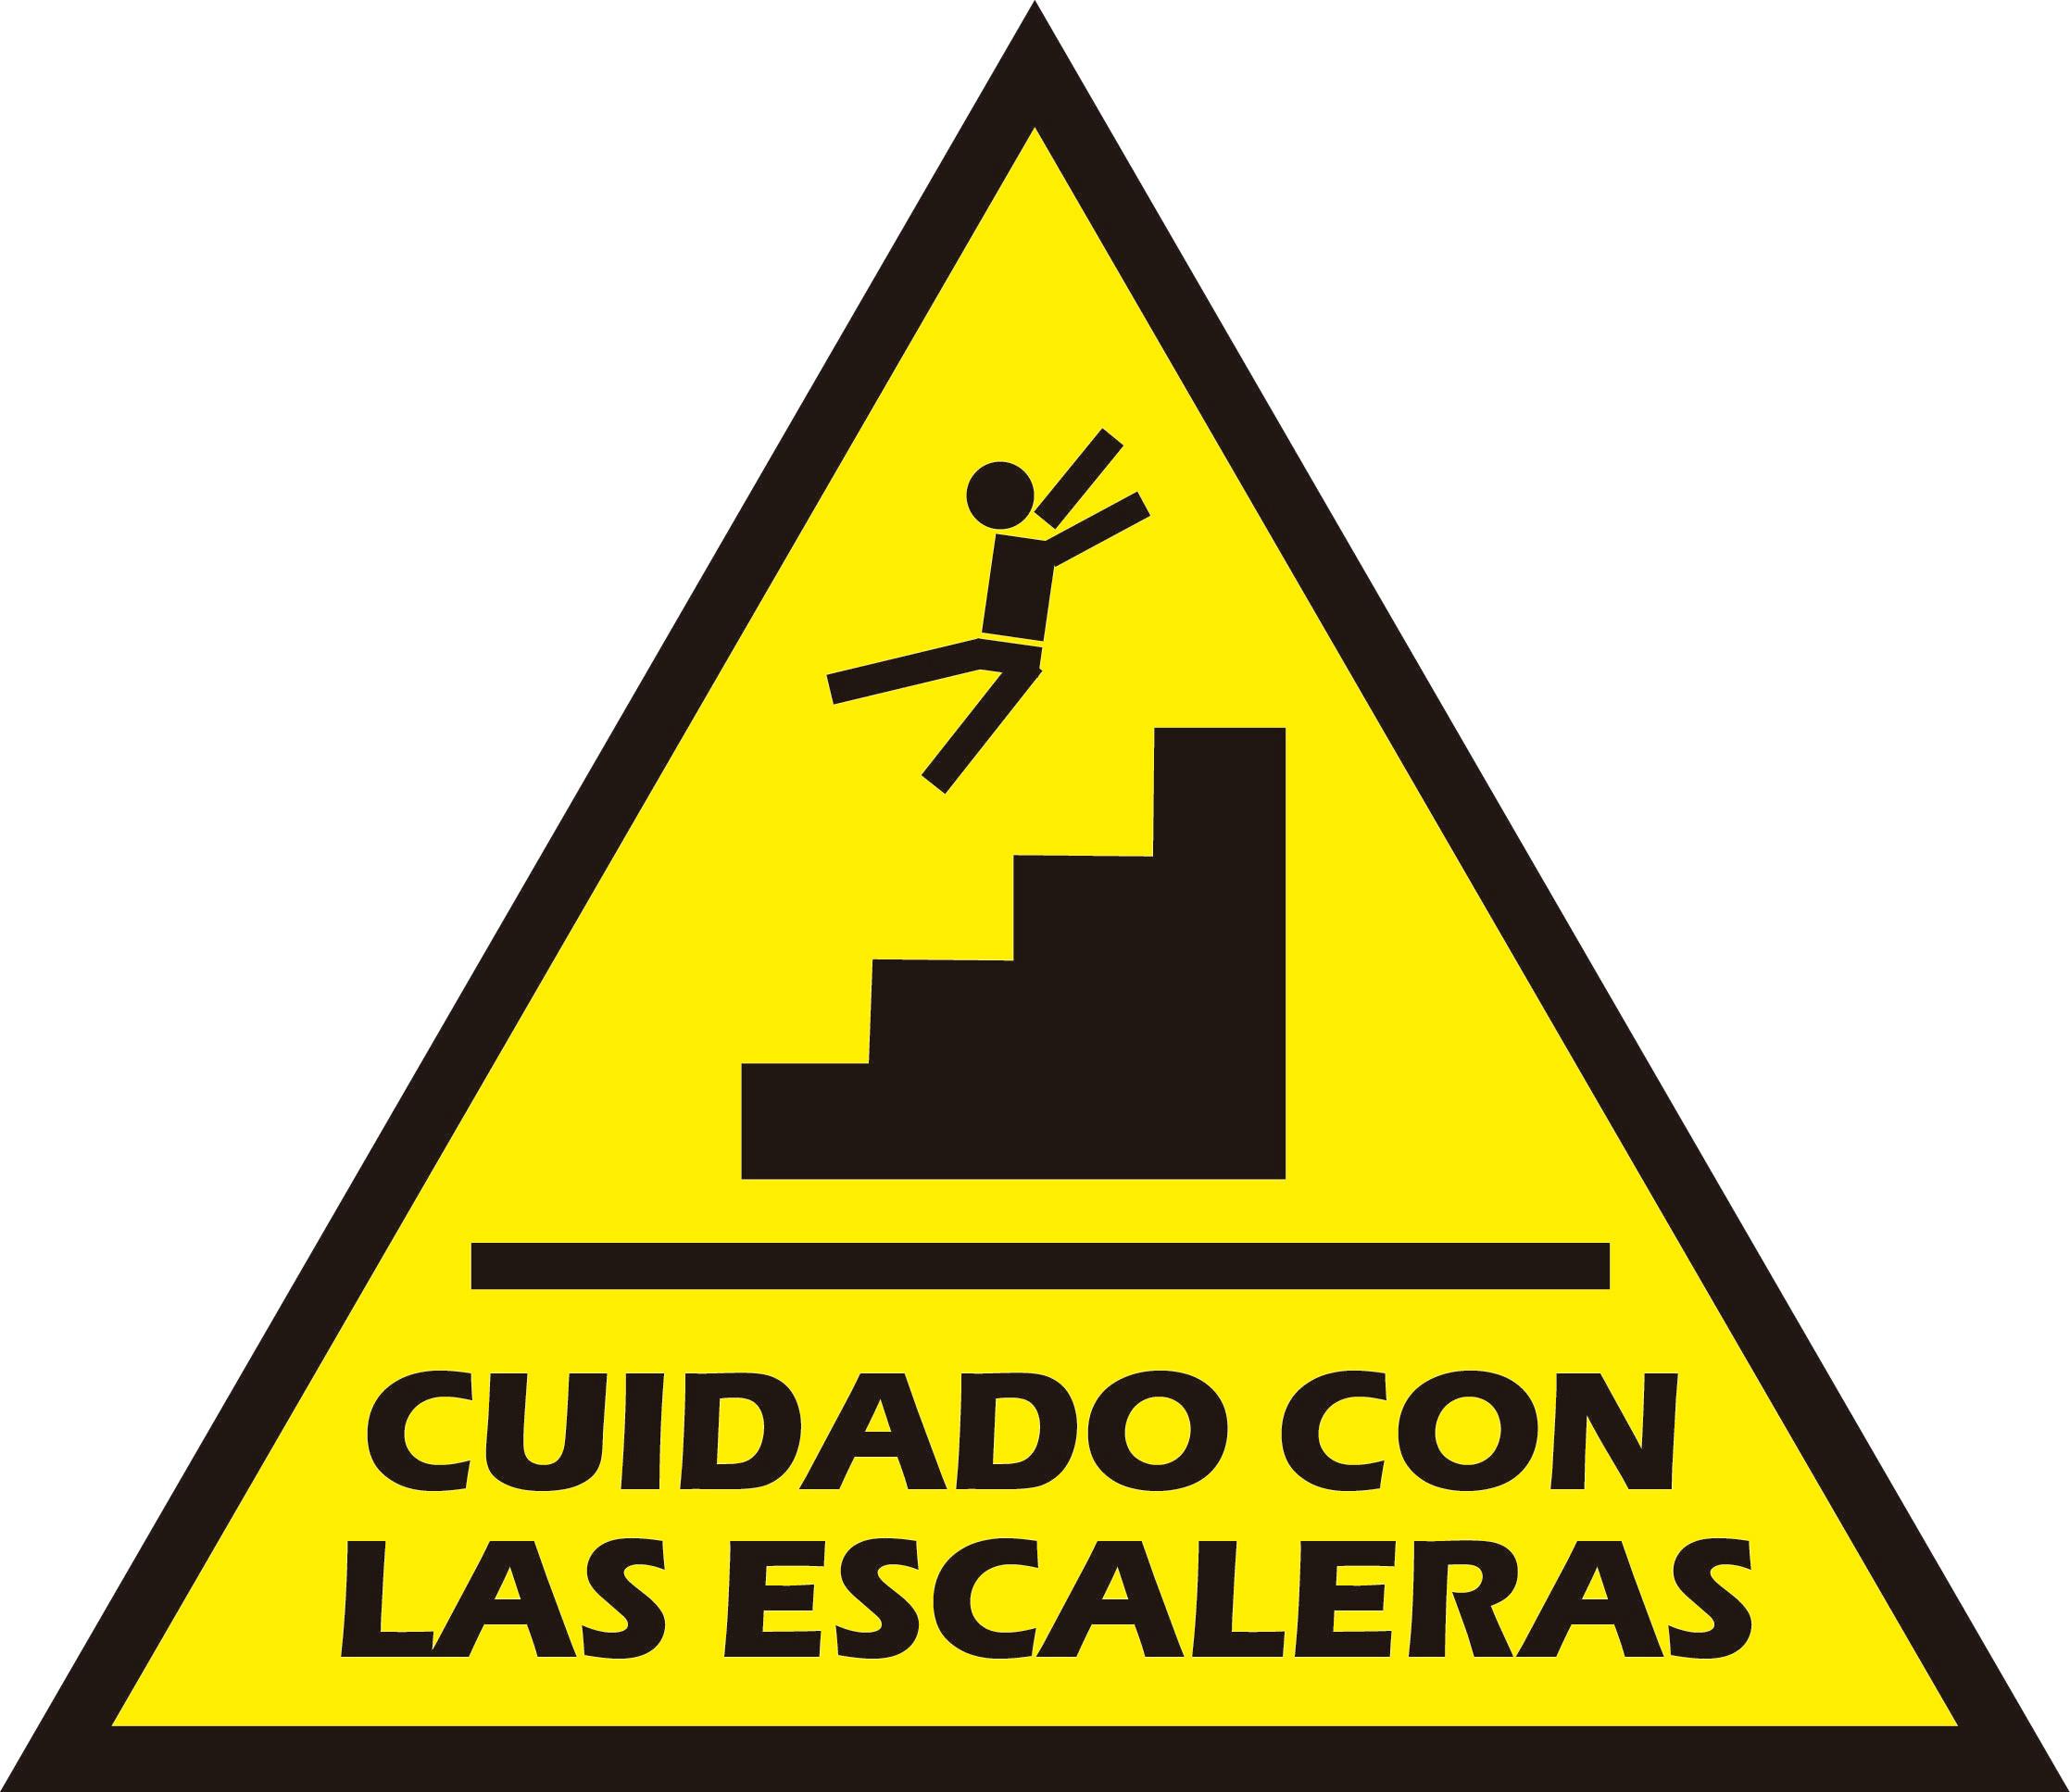 cuidado con las escaleras